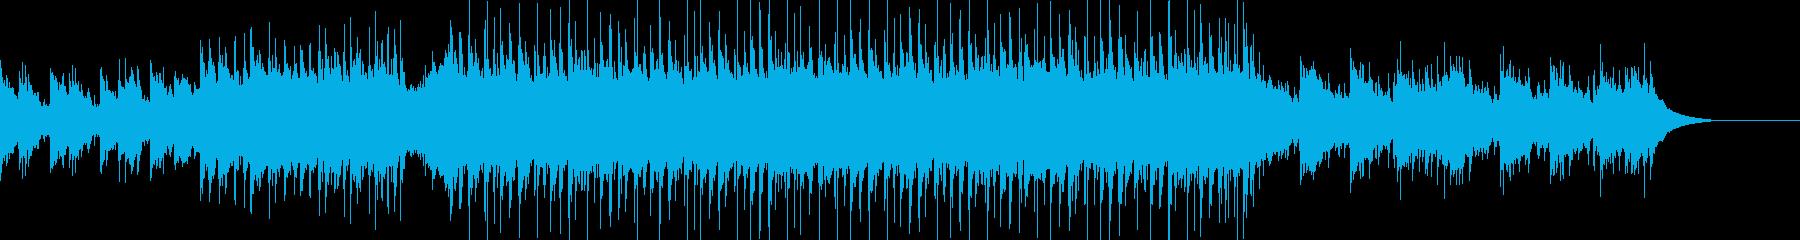 壮大で感動的な和風エピック音楽の再生済みの波形